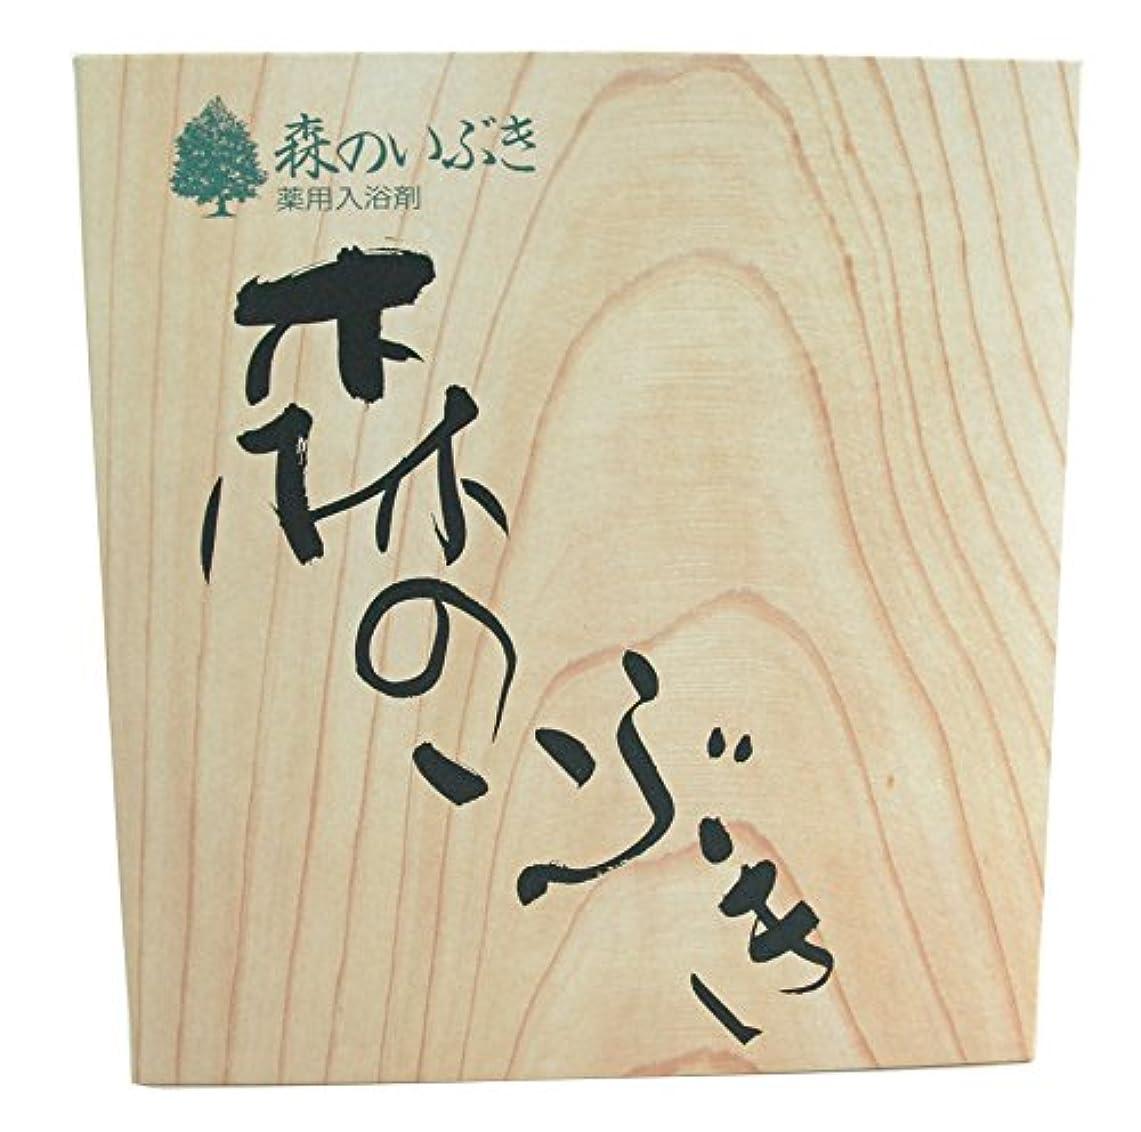 樫の木変位放棄された森のいぶきギフトセット HMI15 [医薬部外品]